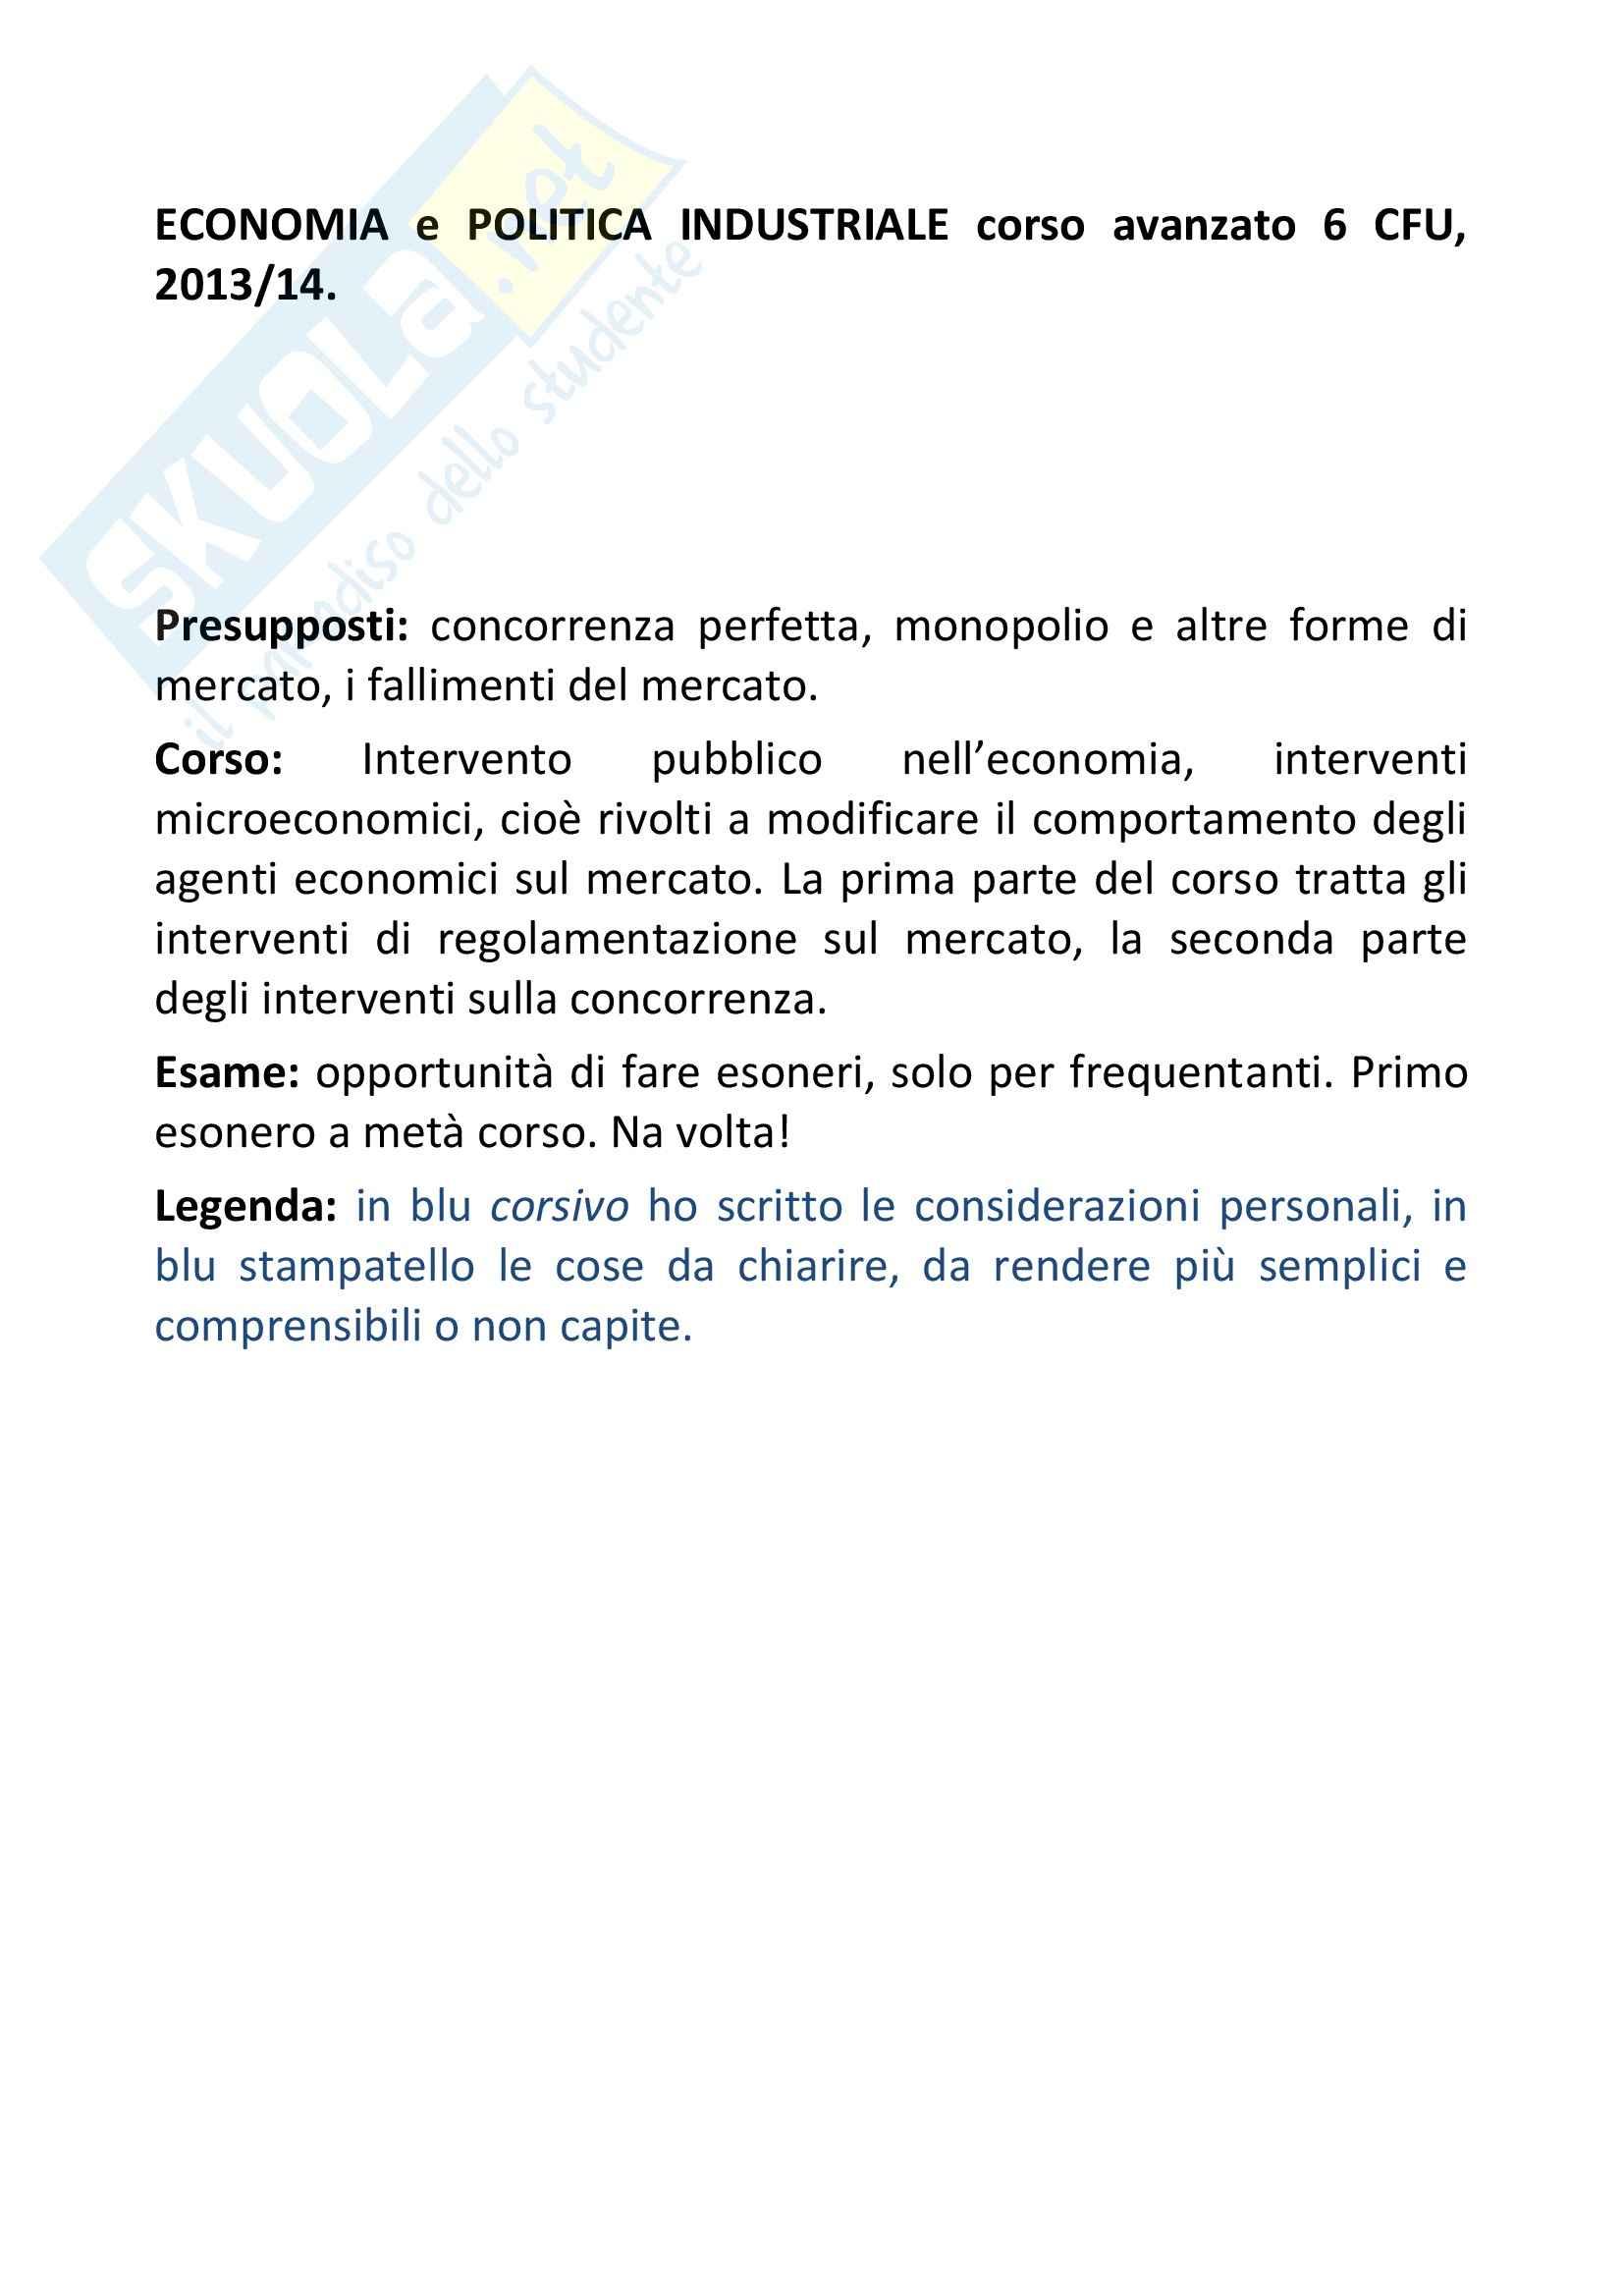 Riassunto esame Economia, prof. Ferrari, libro consigliato Regolazione dei servizi infrastrutturali, teoria e pratica,Marzi, Prosperetti, Putzu